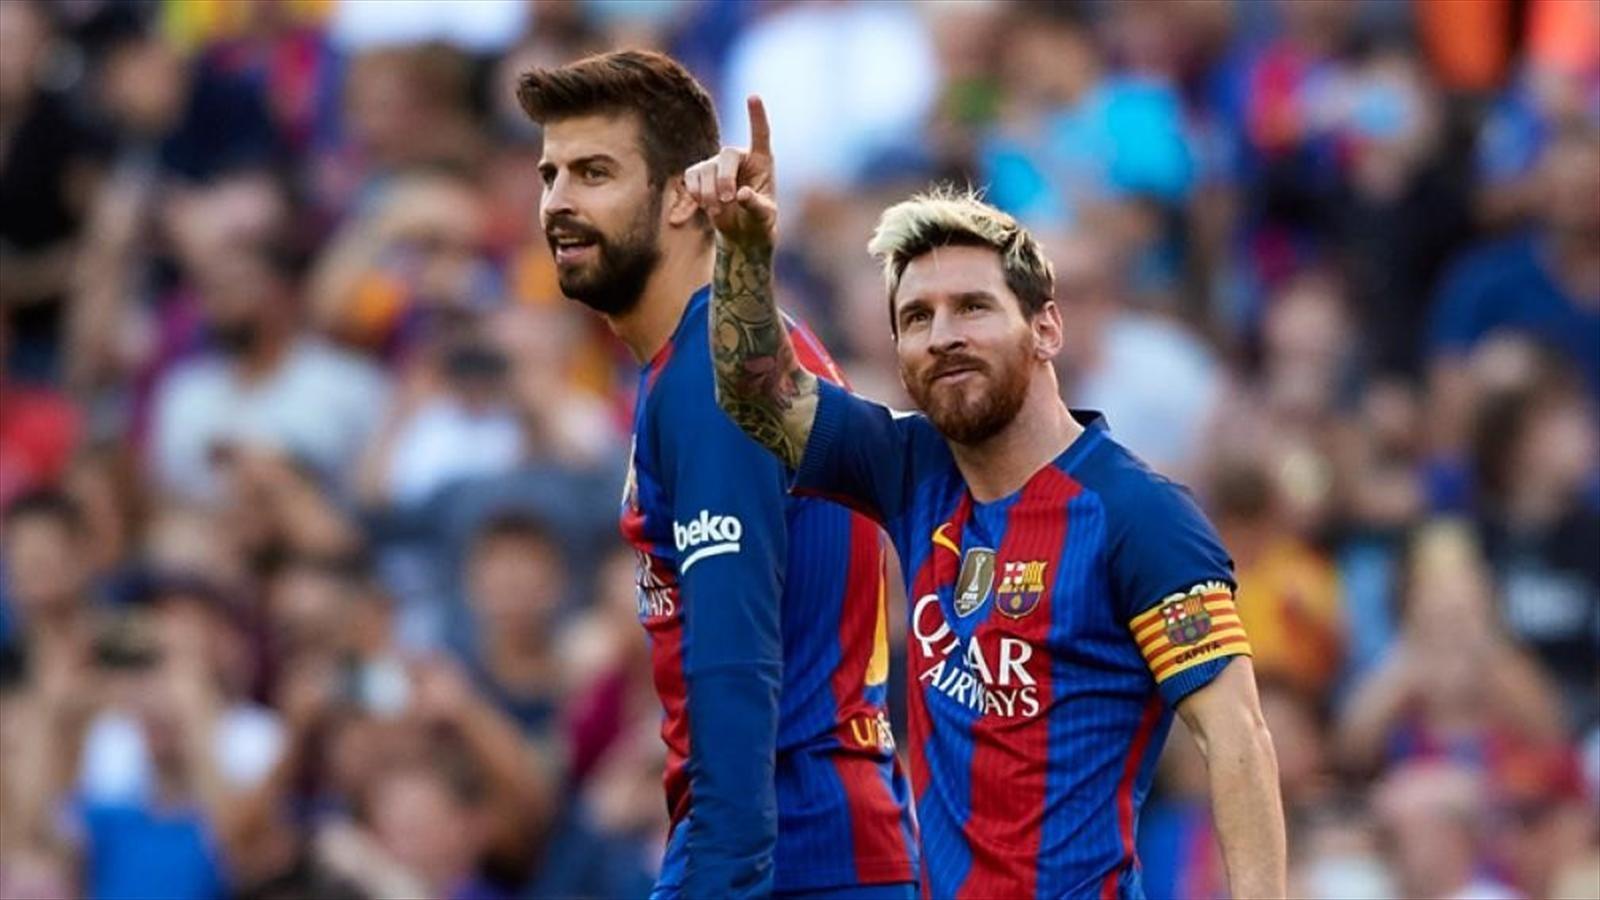 Mauvais résultats du FC Barcelone: La vérité sur la brouille entre Messi et Piqué